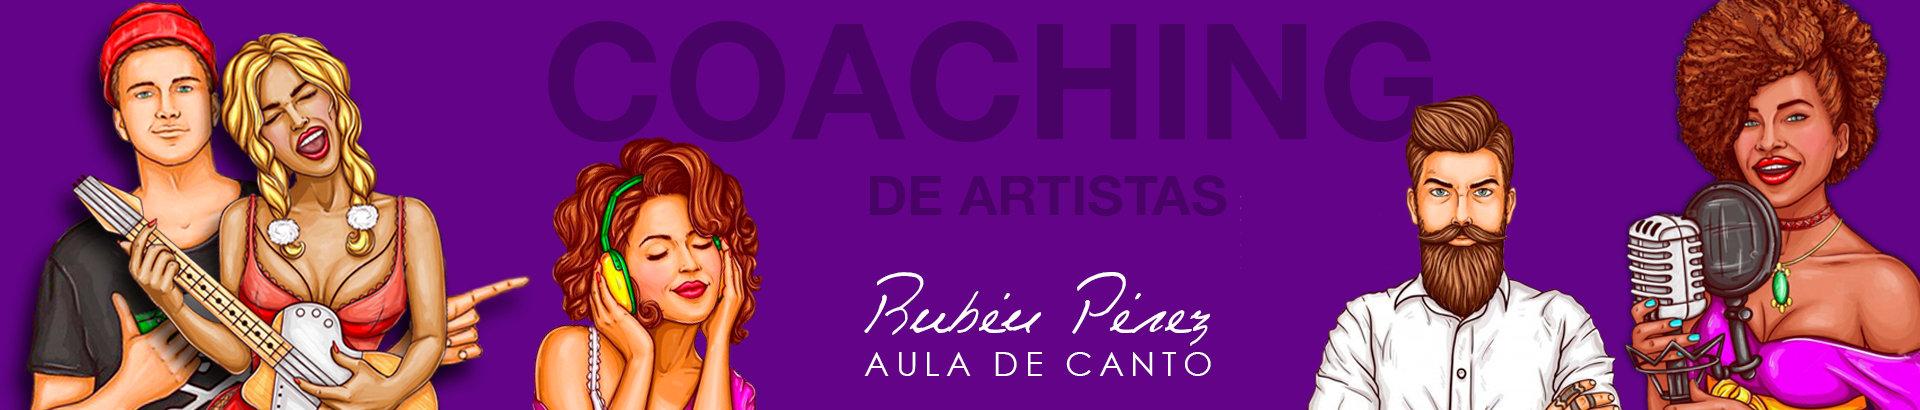 Cabecera coaching de artistas.jpg